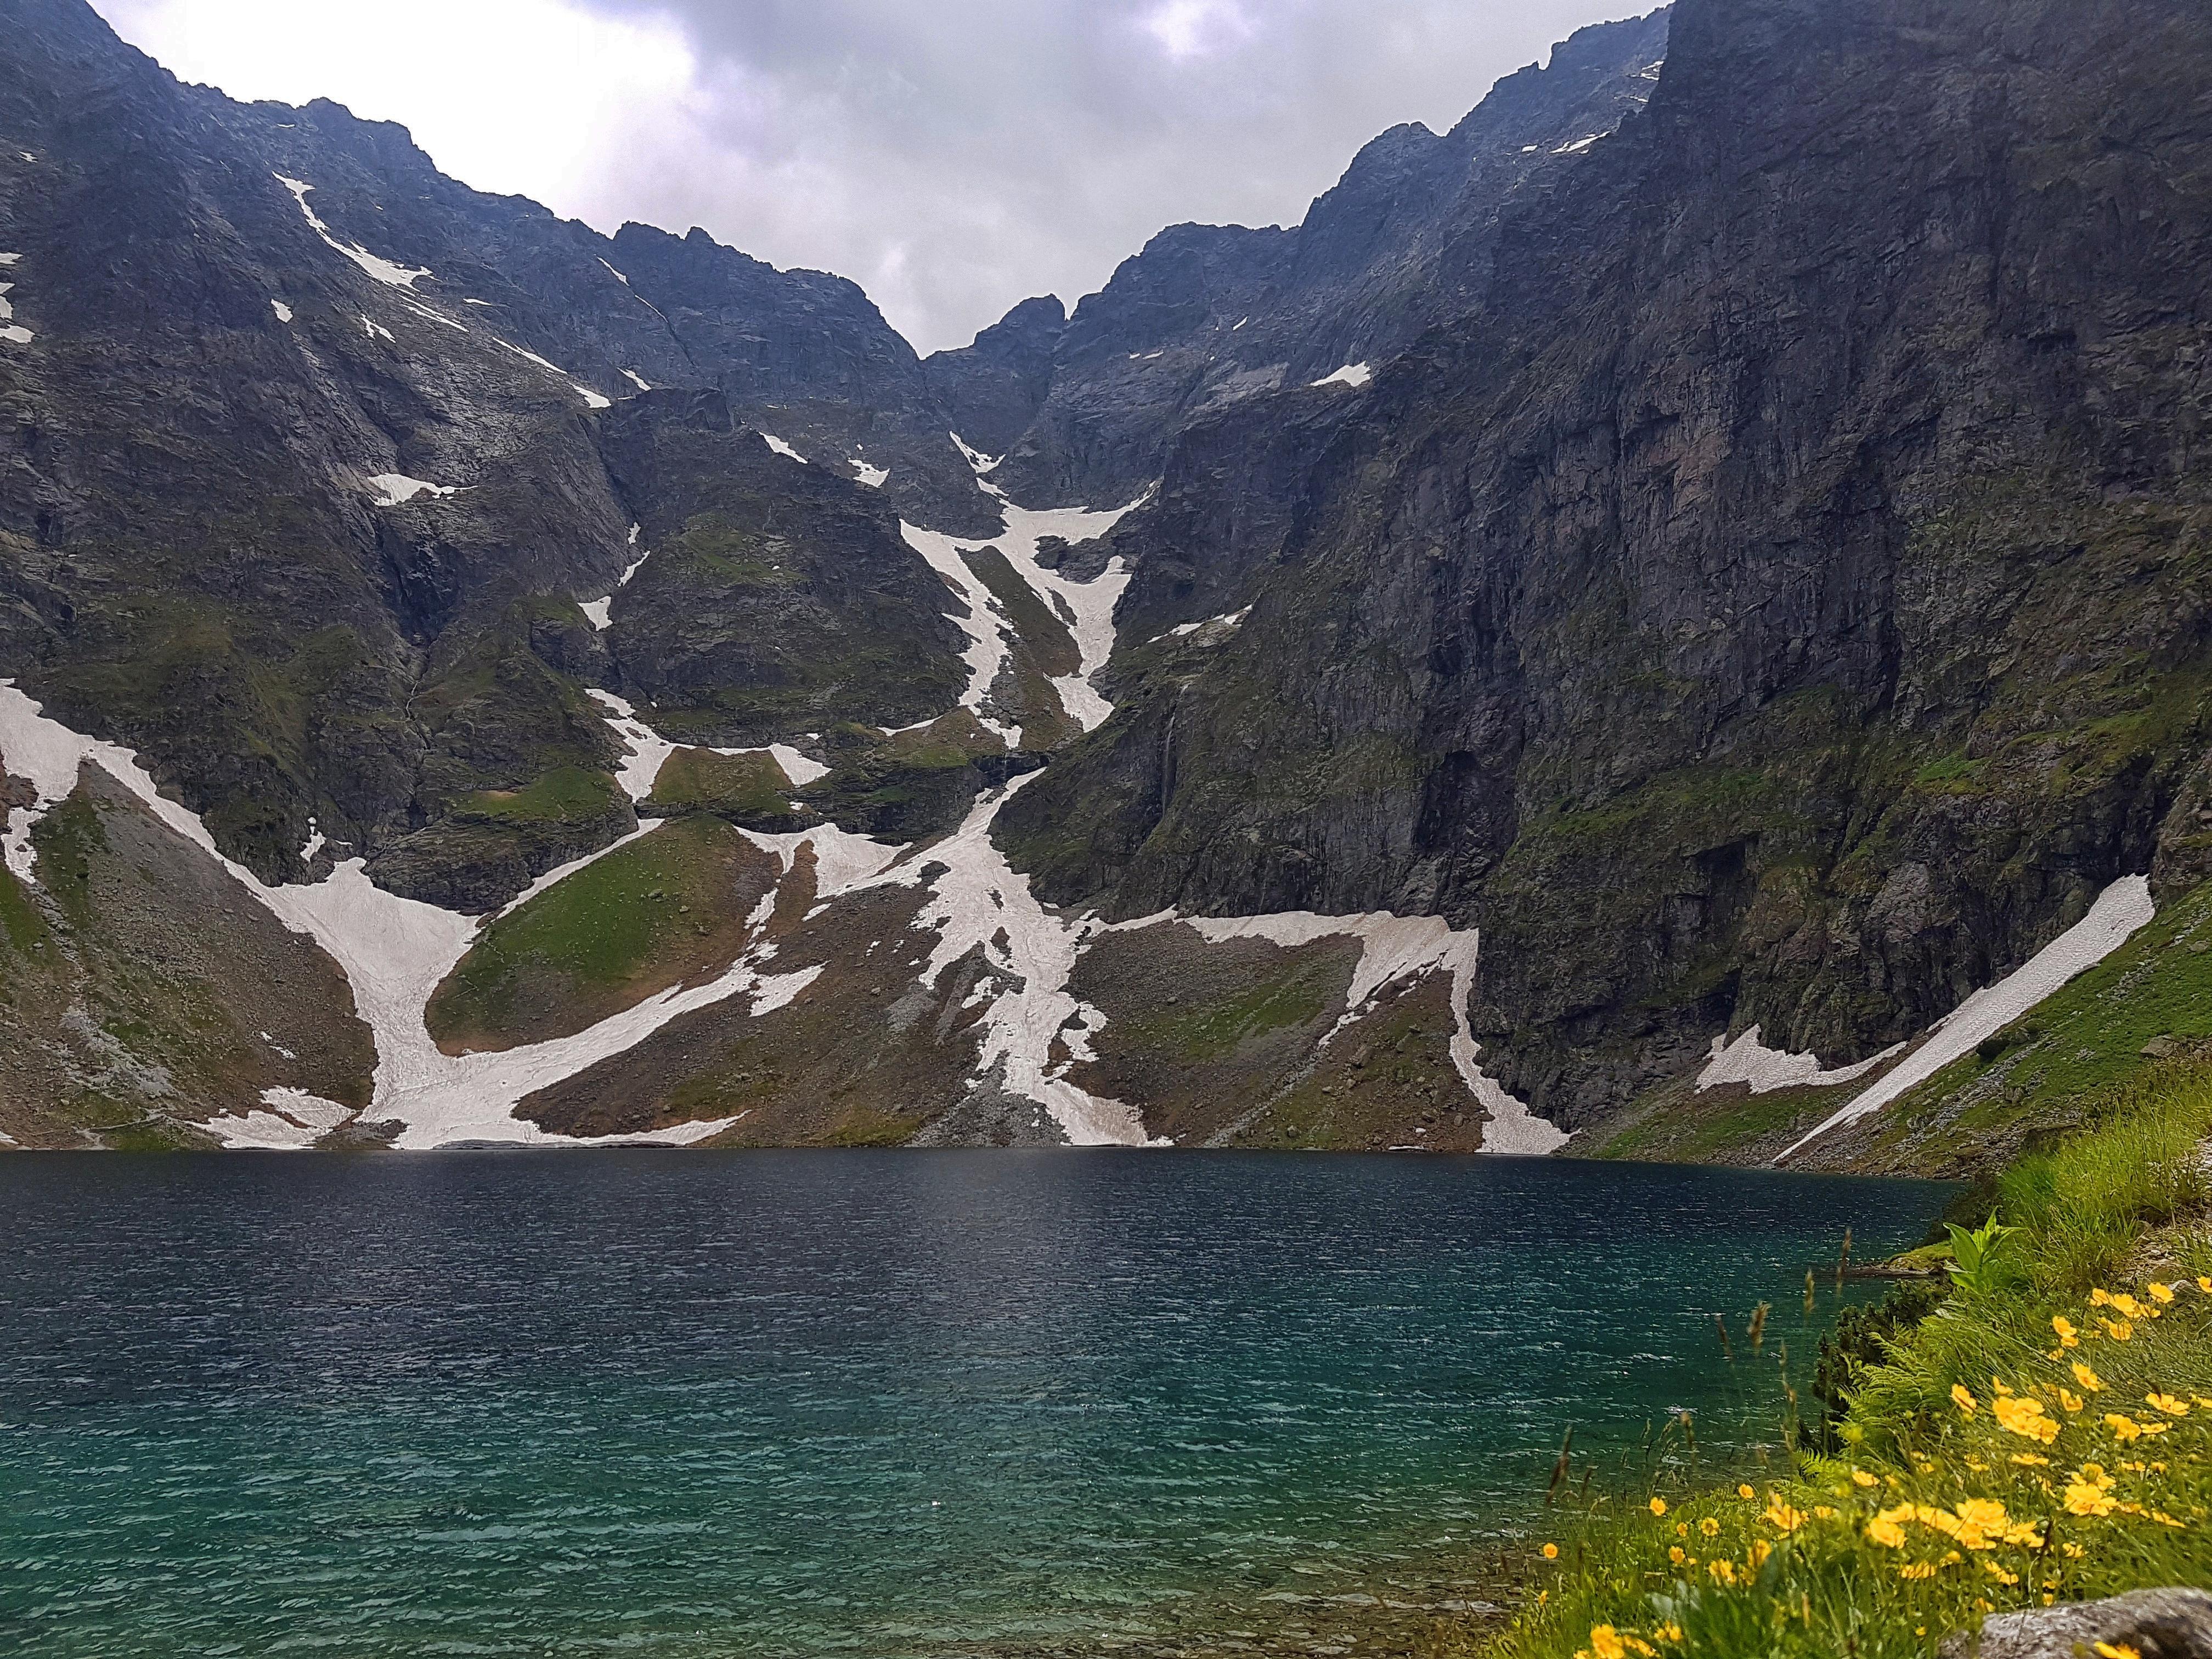 Czarny Staw, Hohe Tatra